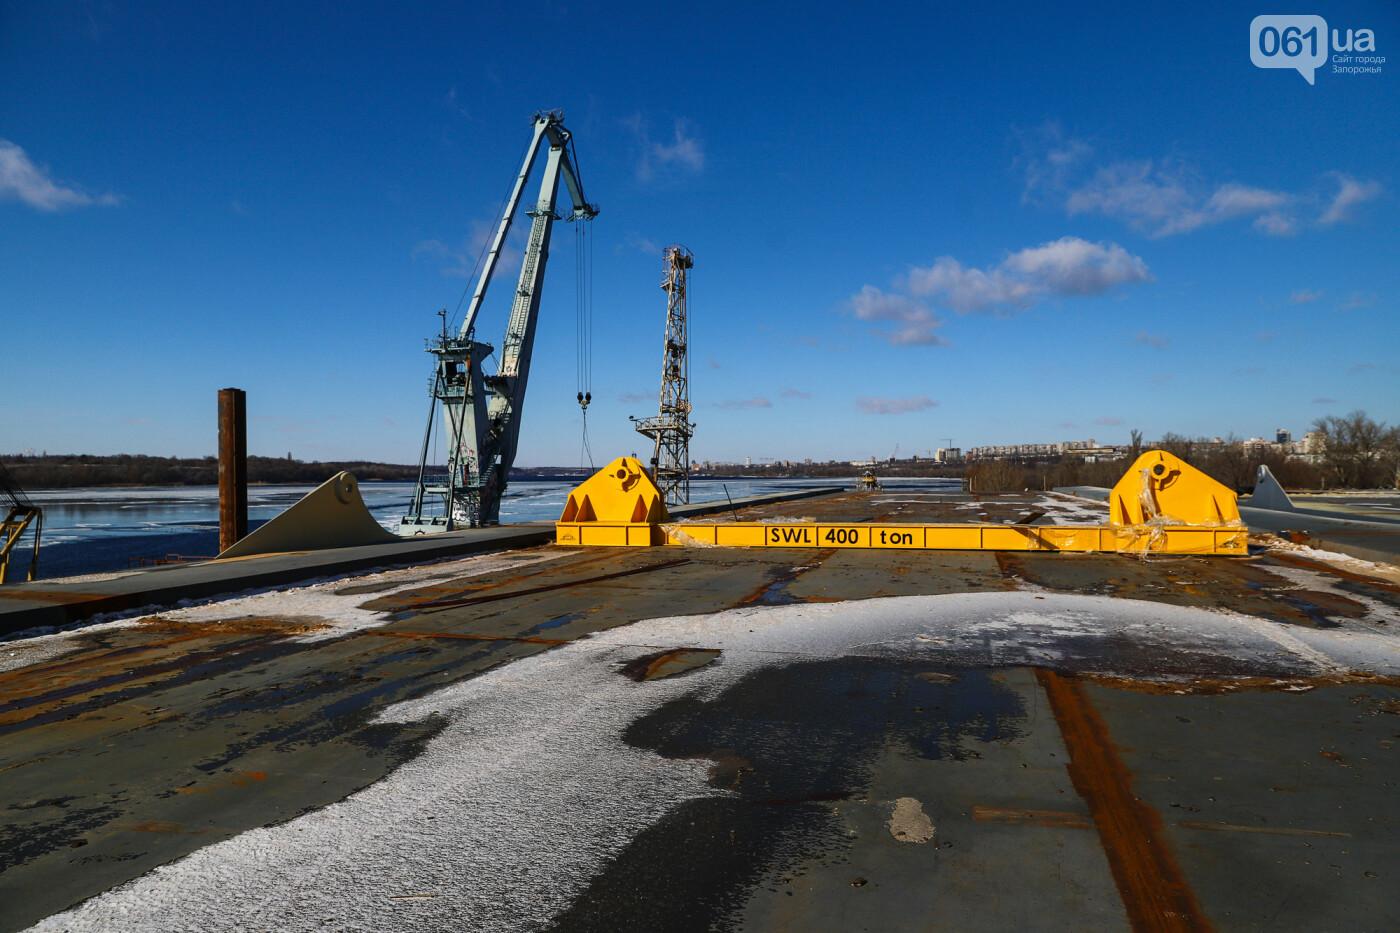 Кран с иностранной пропиской, ванты и металл: строительство запорожских мостов в фотографиях, фото-25